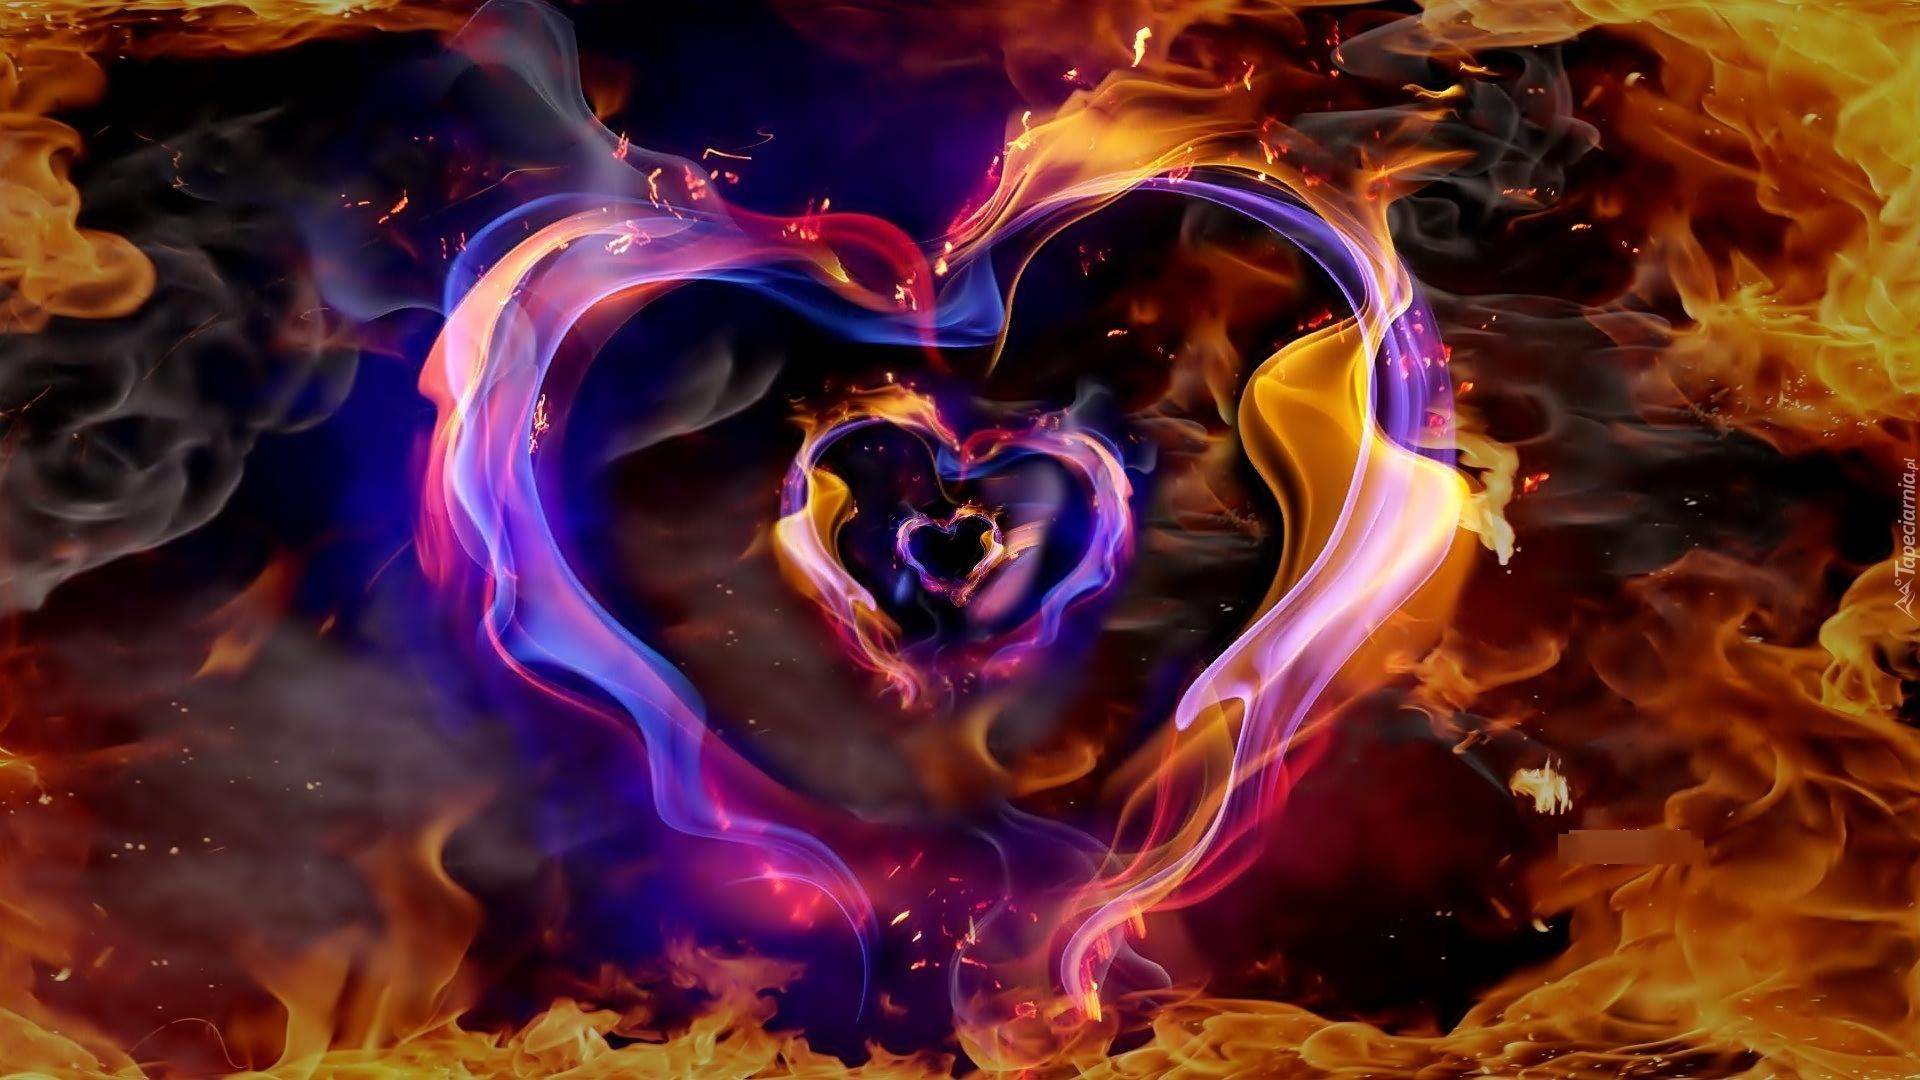 Огонь и вода картинки про любовь